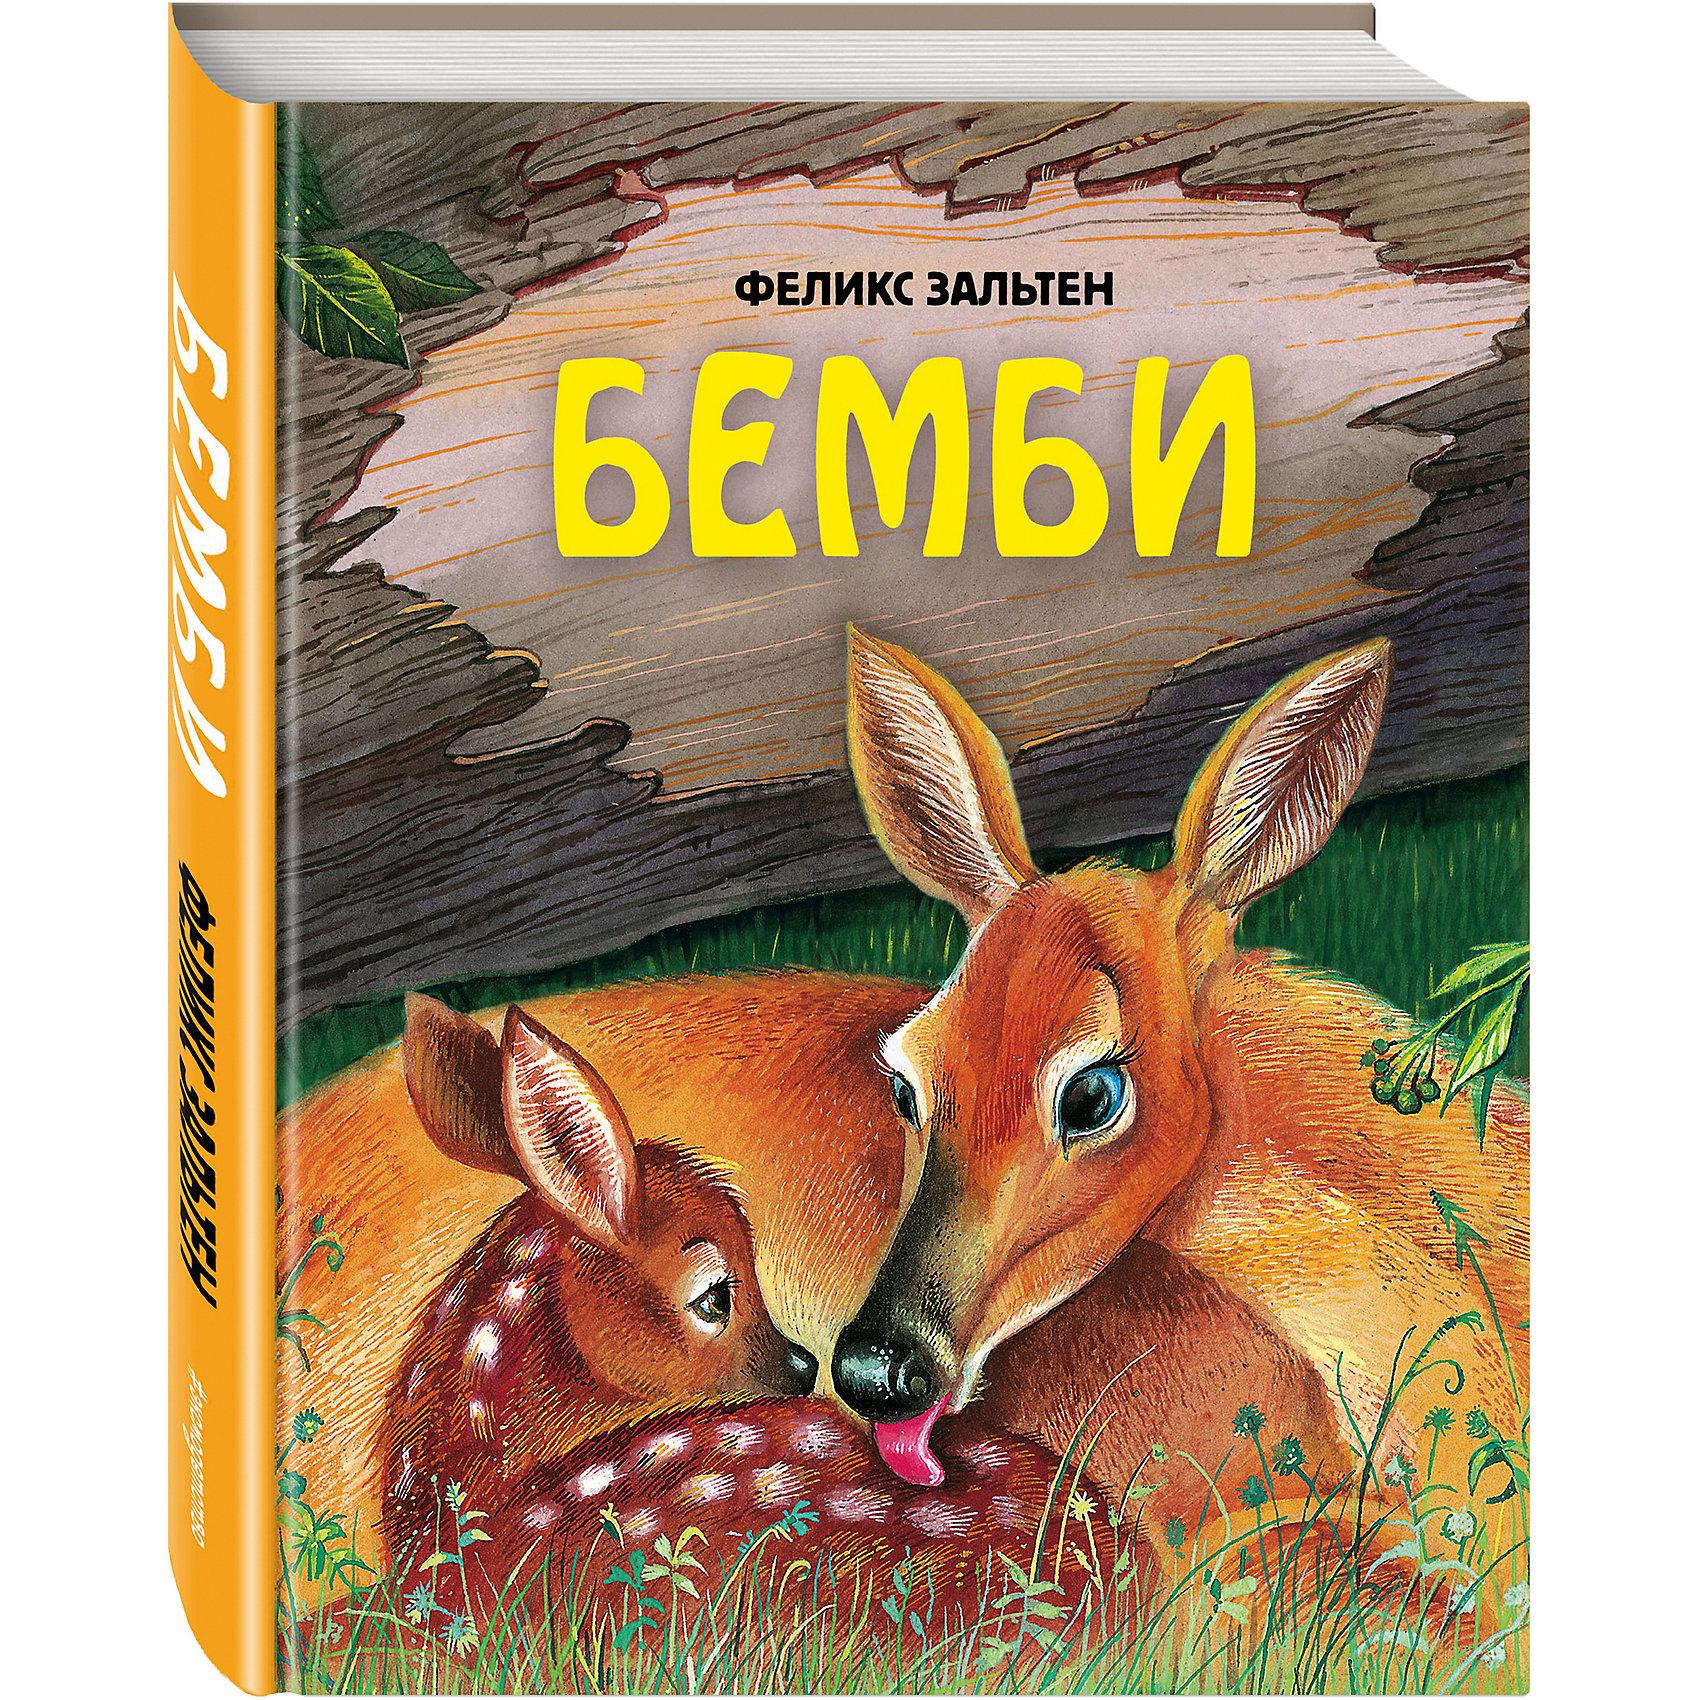 Бемби (ил. М. Митрофанова), Ф. ЗальтенЗарубежные сказки<br>В этой книге юные читатели смогут прочитать историю про олененка Бемби, известного сказочного персонажа мультфильма Уолта Диснея.<br><br>Ширина мм: 255<br>Глубина мм: 197<br>Высота мм: 180<br>Вес г: 698<br>Возраст от месяцев: 36<br>Возраст до месяцев: 2147483647<br>Пол: Унисекс<br>Возраст: Детский<br>SKU: 5535569